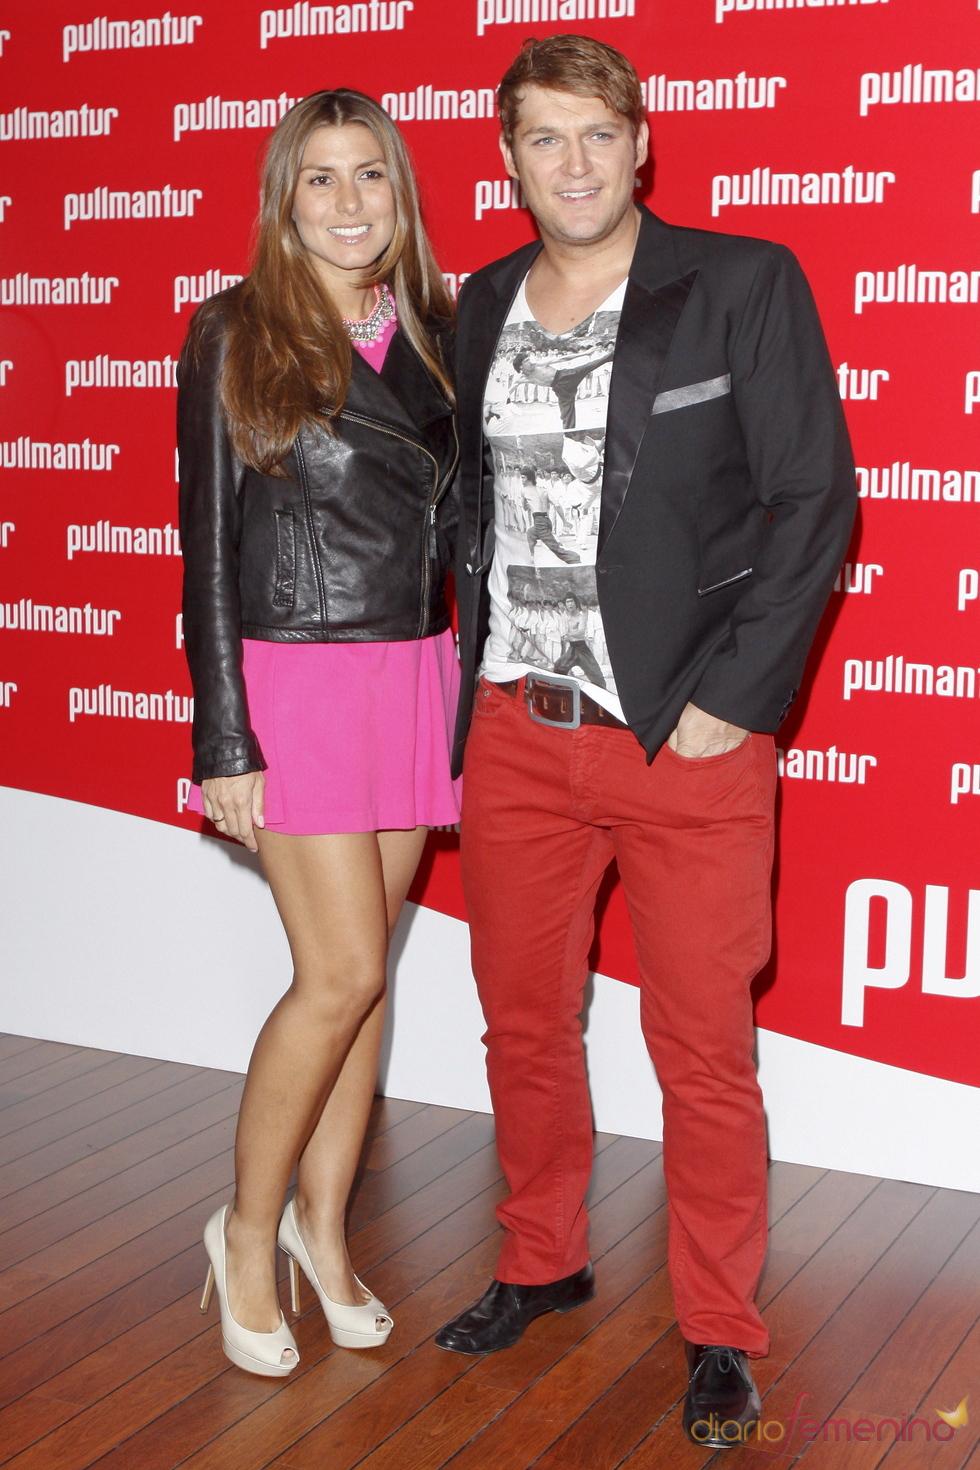 Manu Tenorio y Silvia Casas en la fiesta 'Pullmantur'